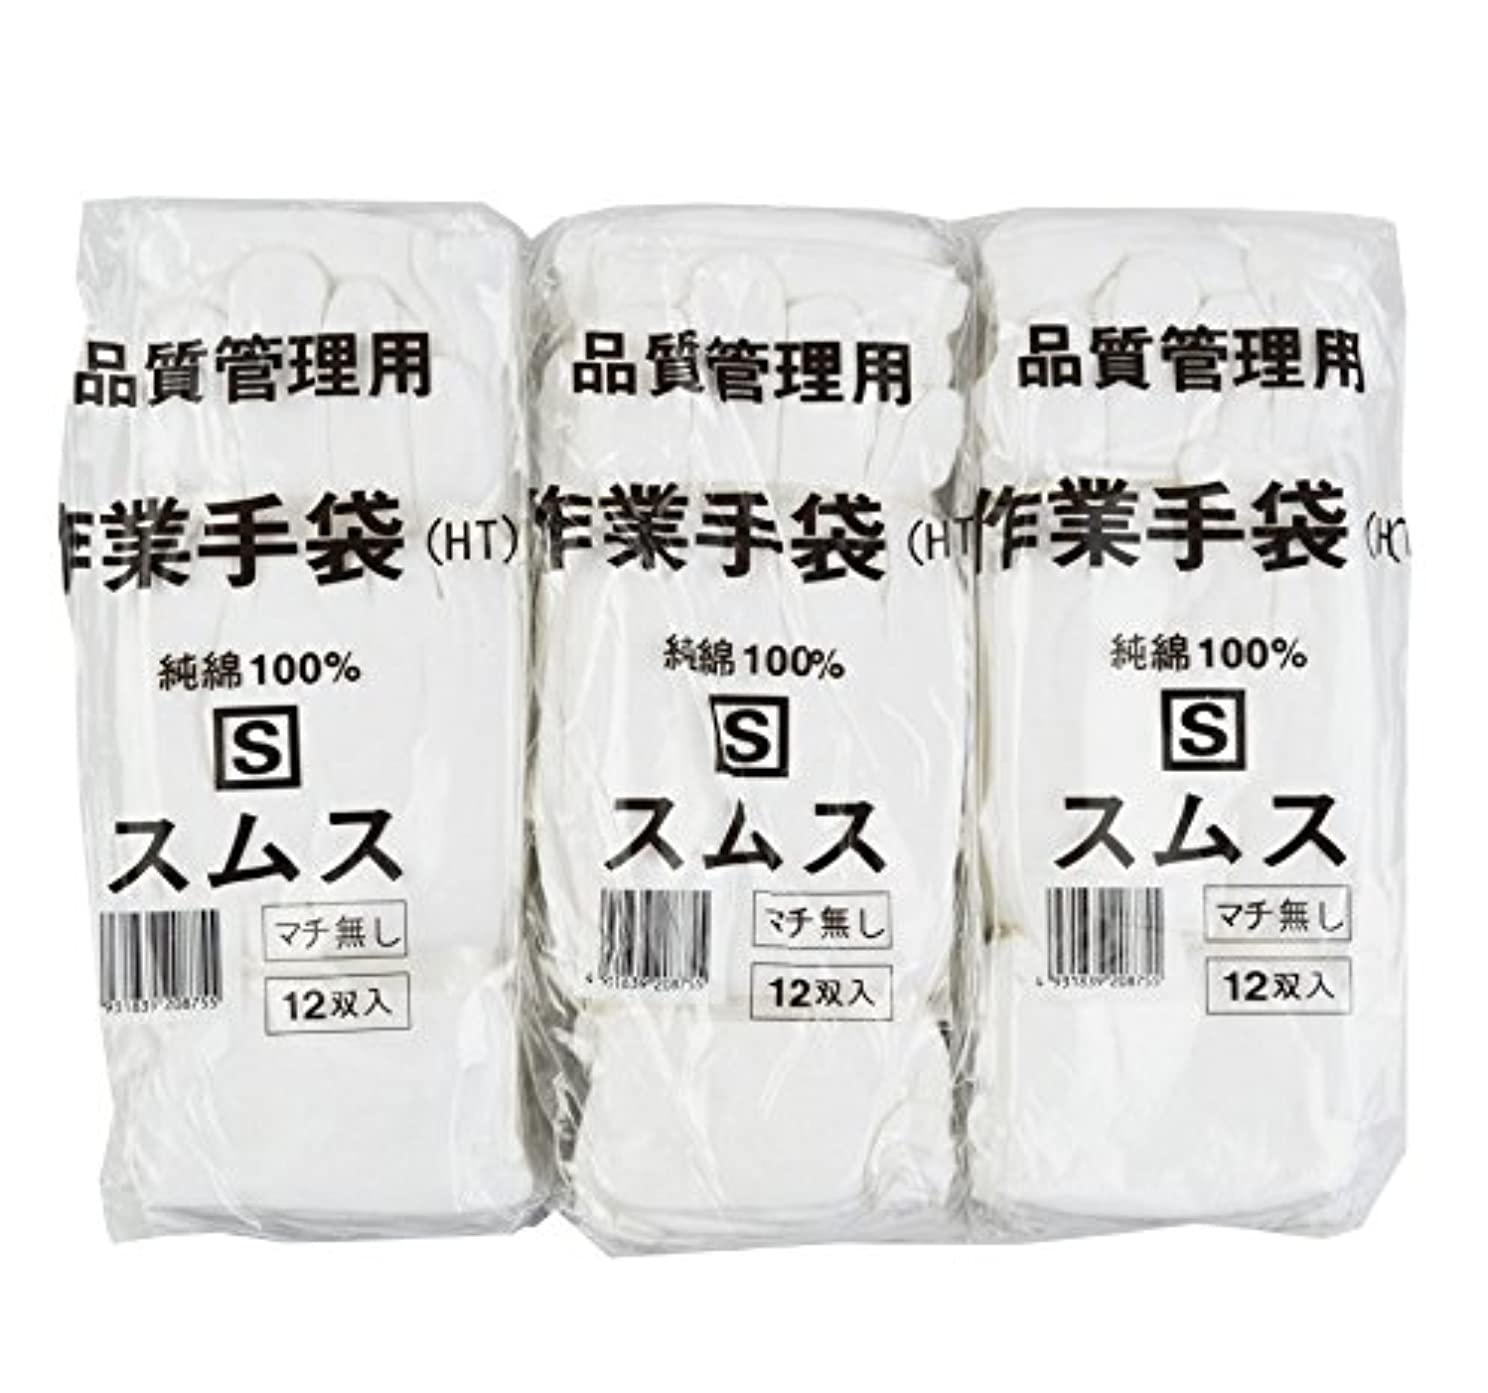 利益熱意ファン【お得なセット売り】 (36双) 純綿100% スムス 手袋 Sサイズ 12双×3袋セット 女性に最適 多用途 101114